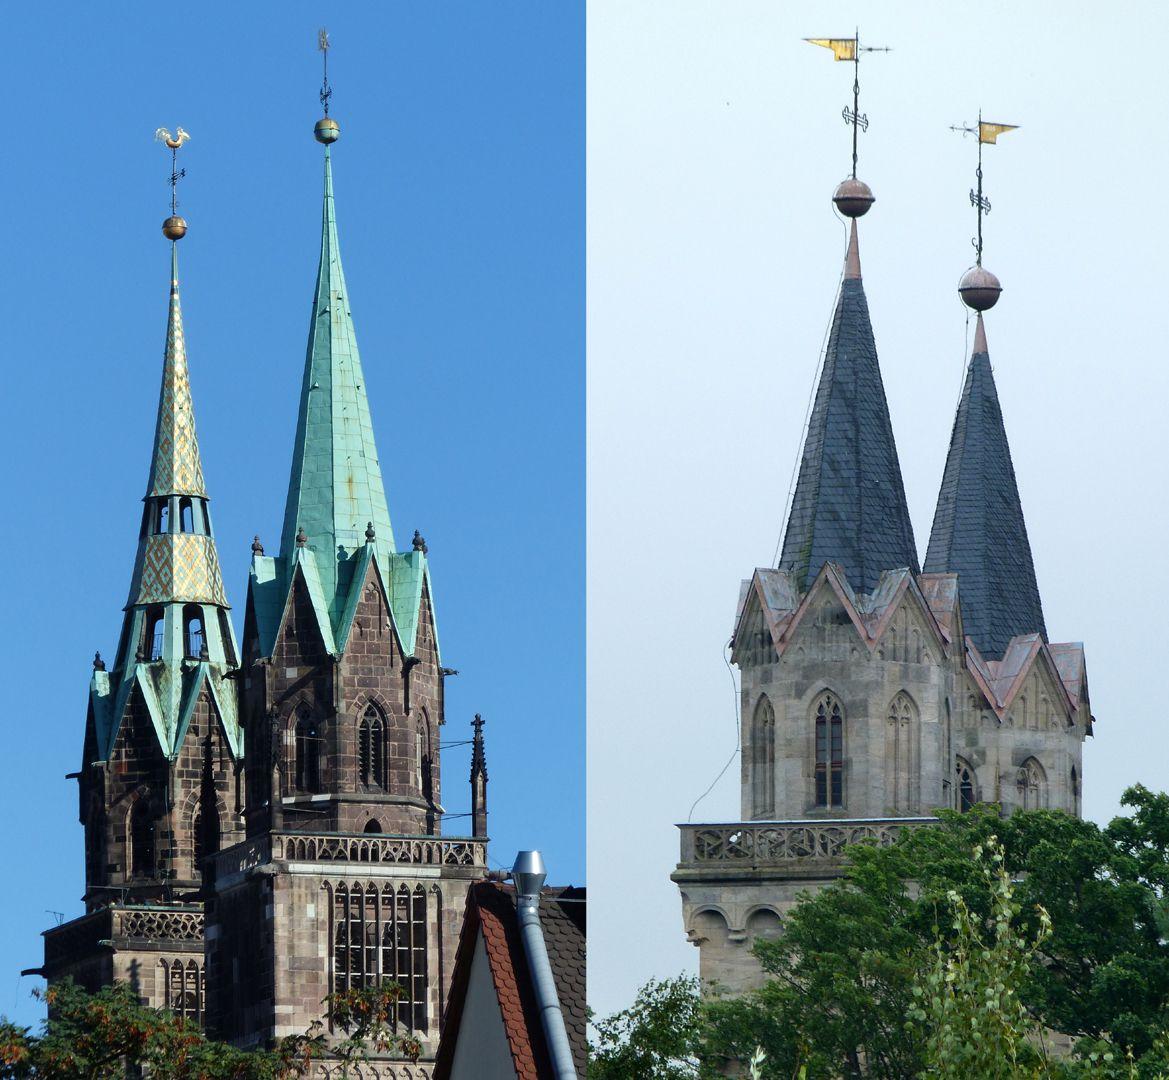 Stadtkirche St. Peter (Sonneberg) Vergleichsbild, Achtorte von St. Lorenz in Nürnberg und St. Peter in Sonneberg